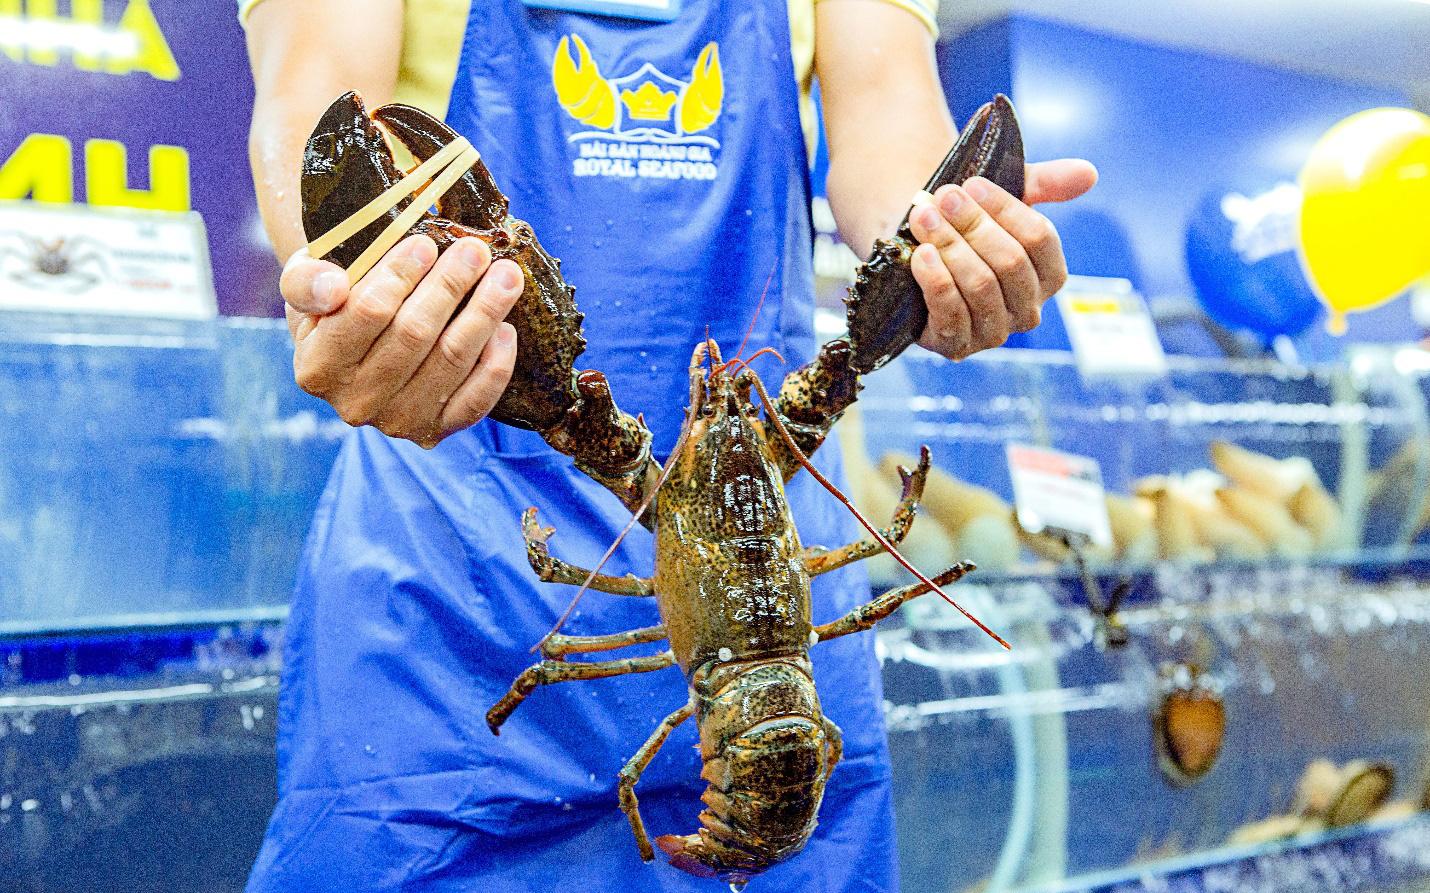 Mô hình hải sản chế biến mang đi thu hút người tiêu dùng